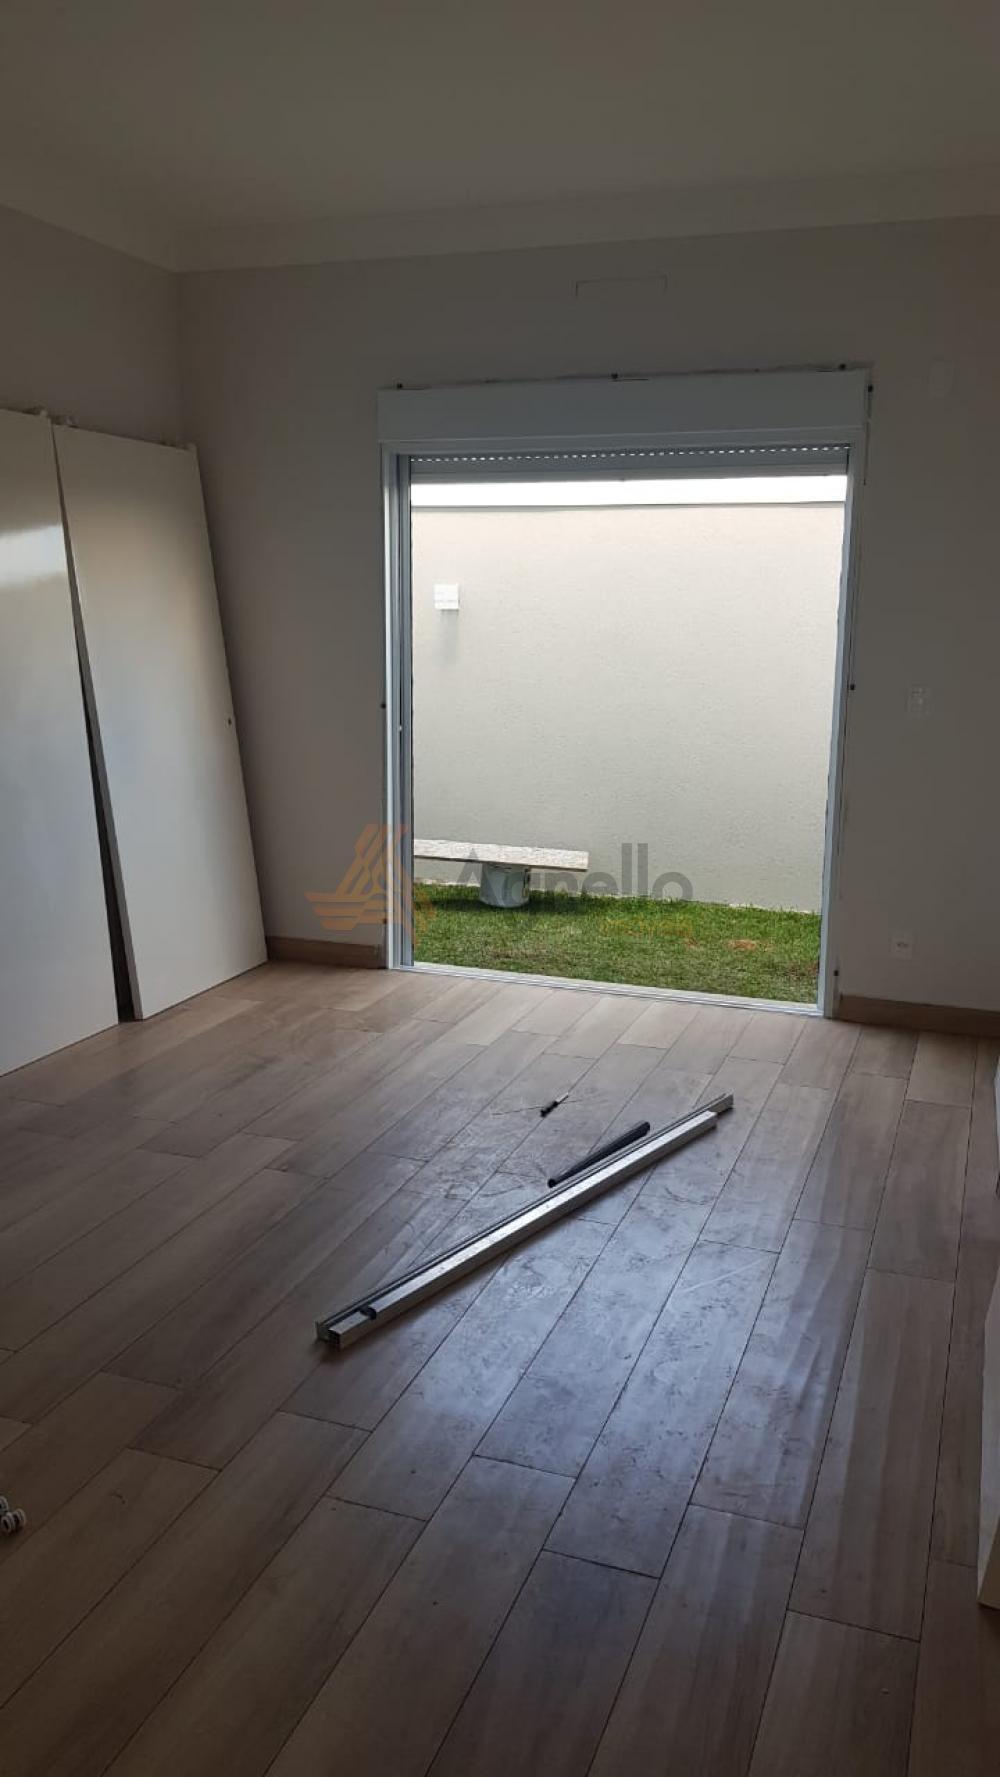 Comprar Casa / Condomínio em Franca apenas R$ 1.300.000,00 - Foto 12